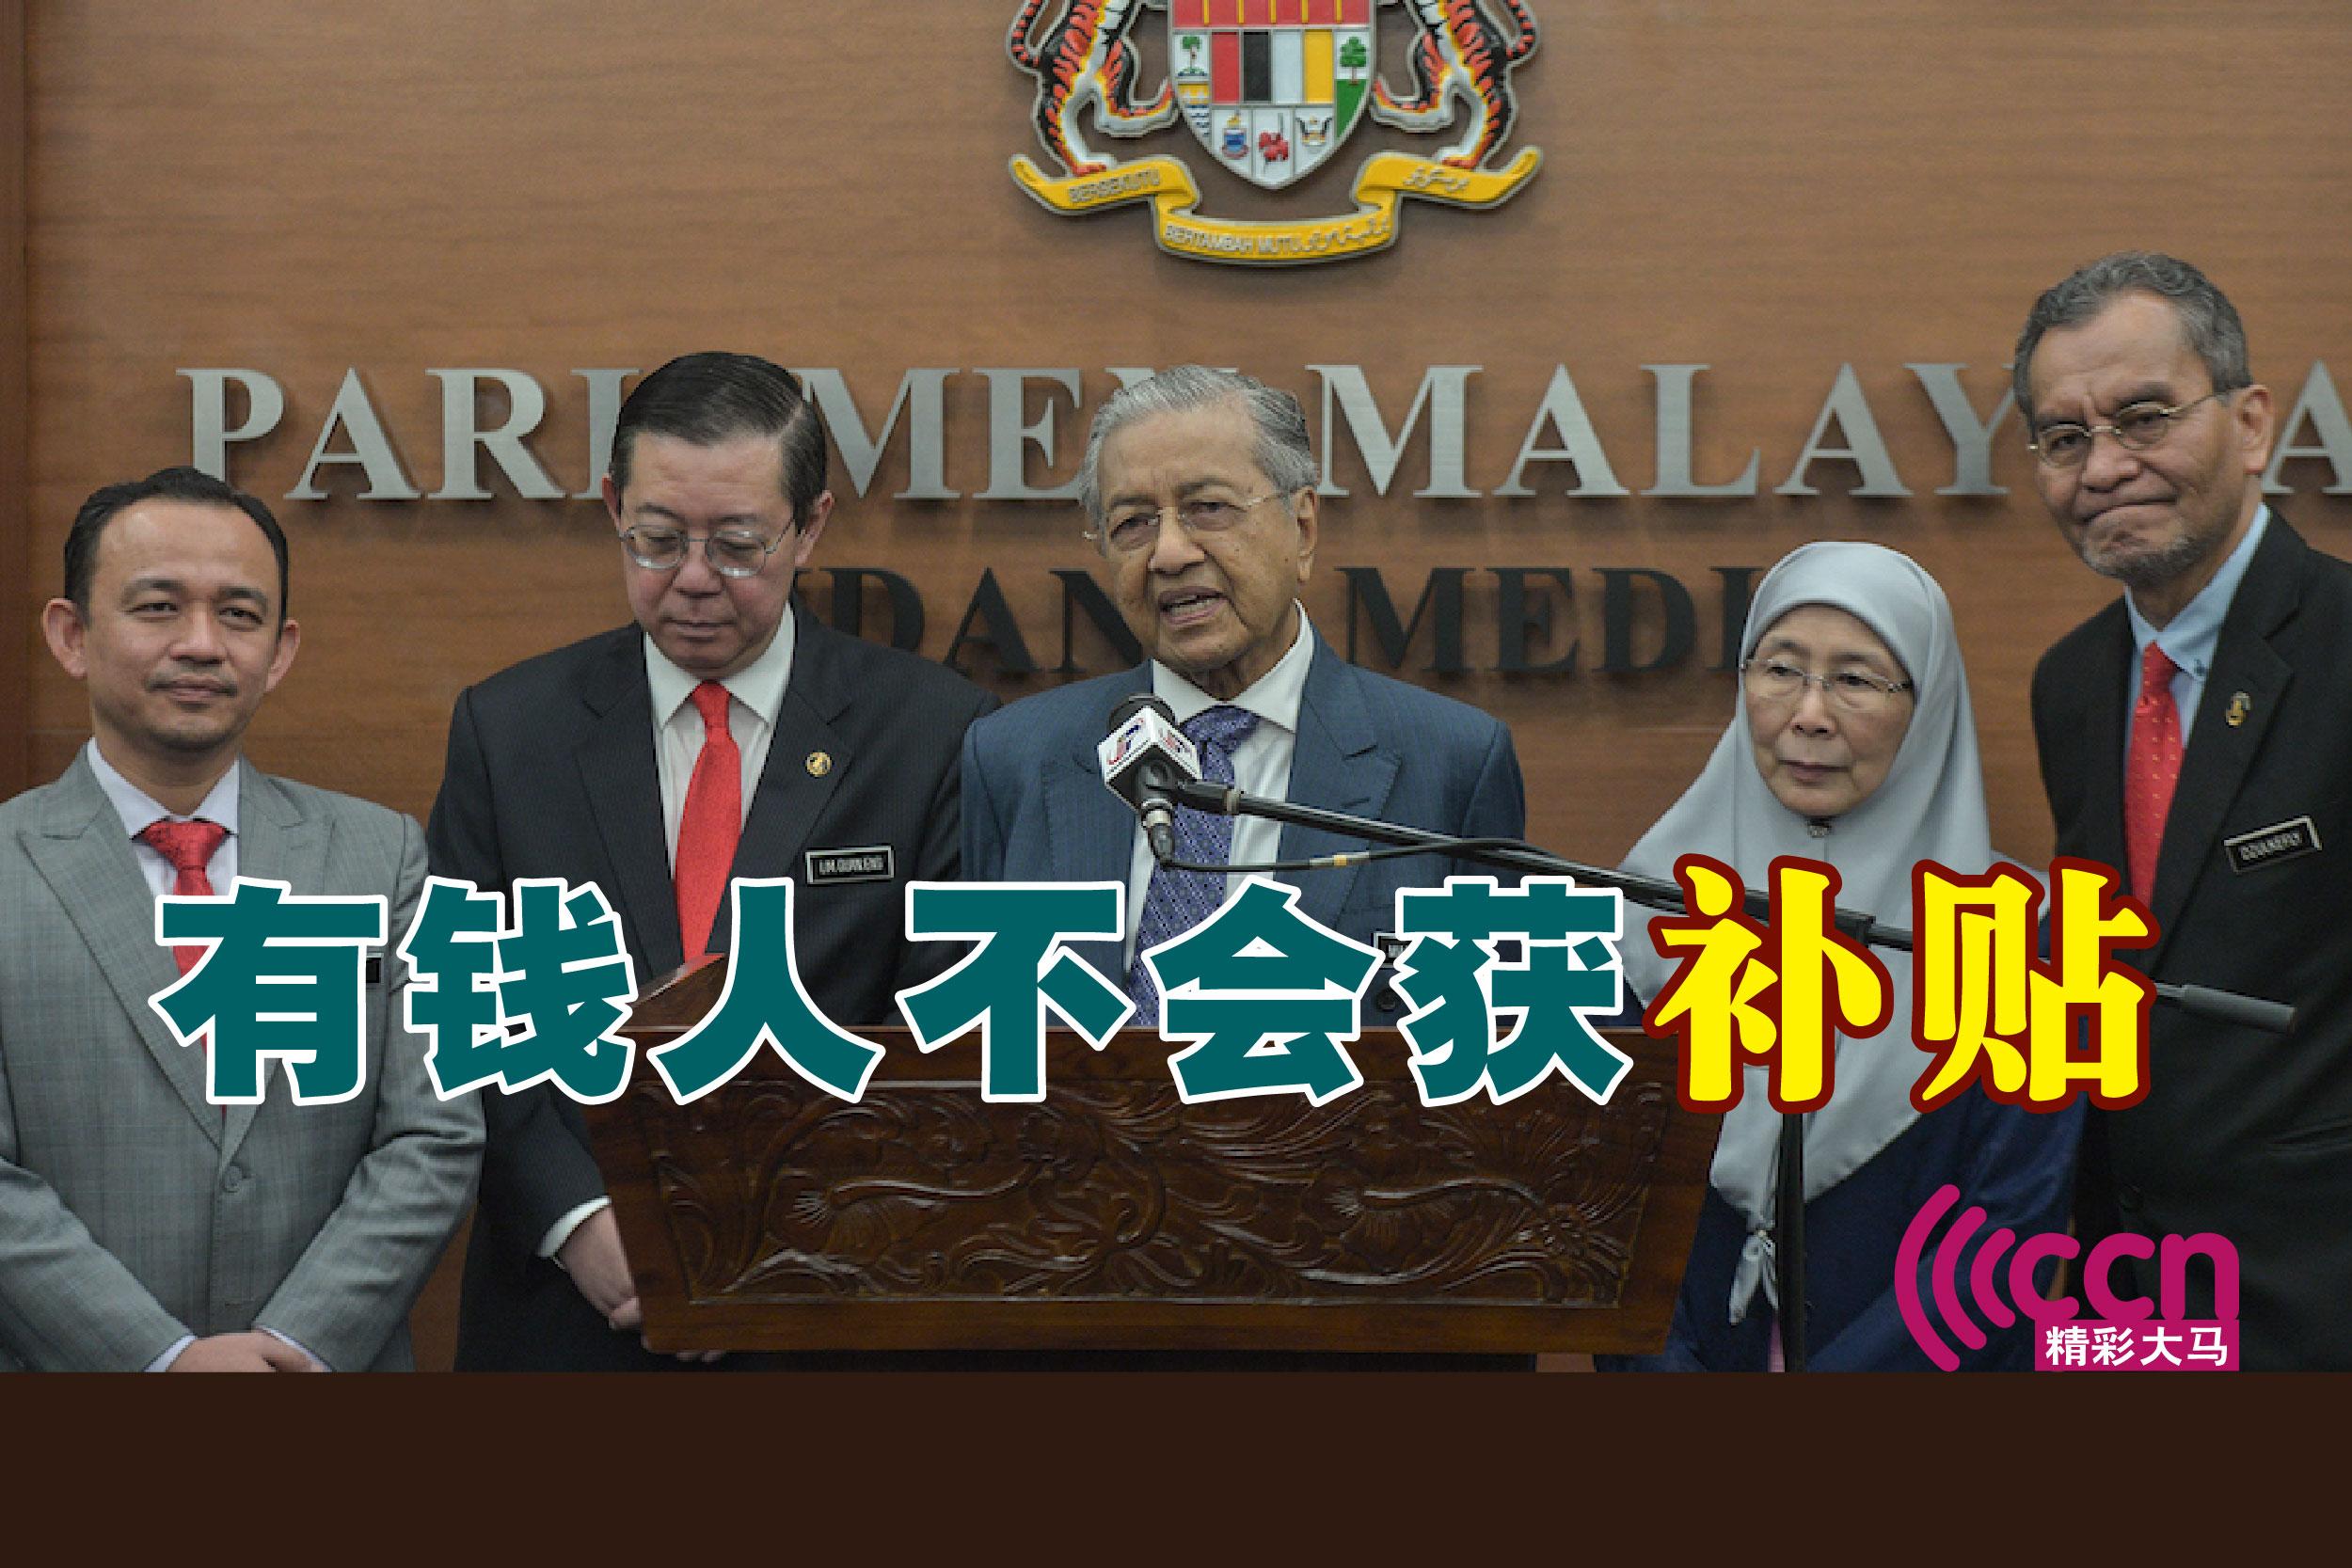 马哈迪说,目标性汽油补贴计划只会让符合资格者受惠。-Shafwan Zaido摄-